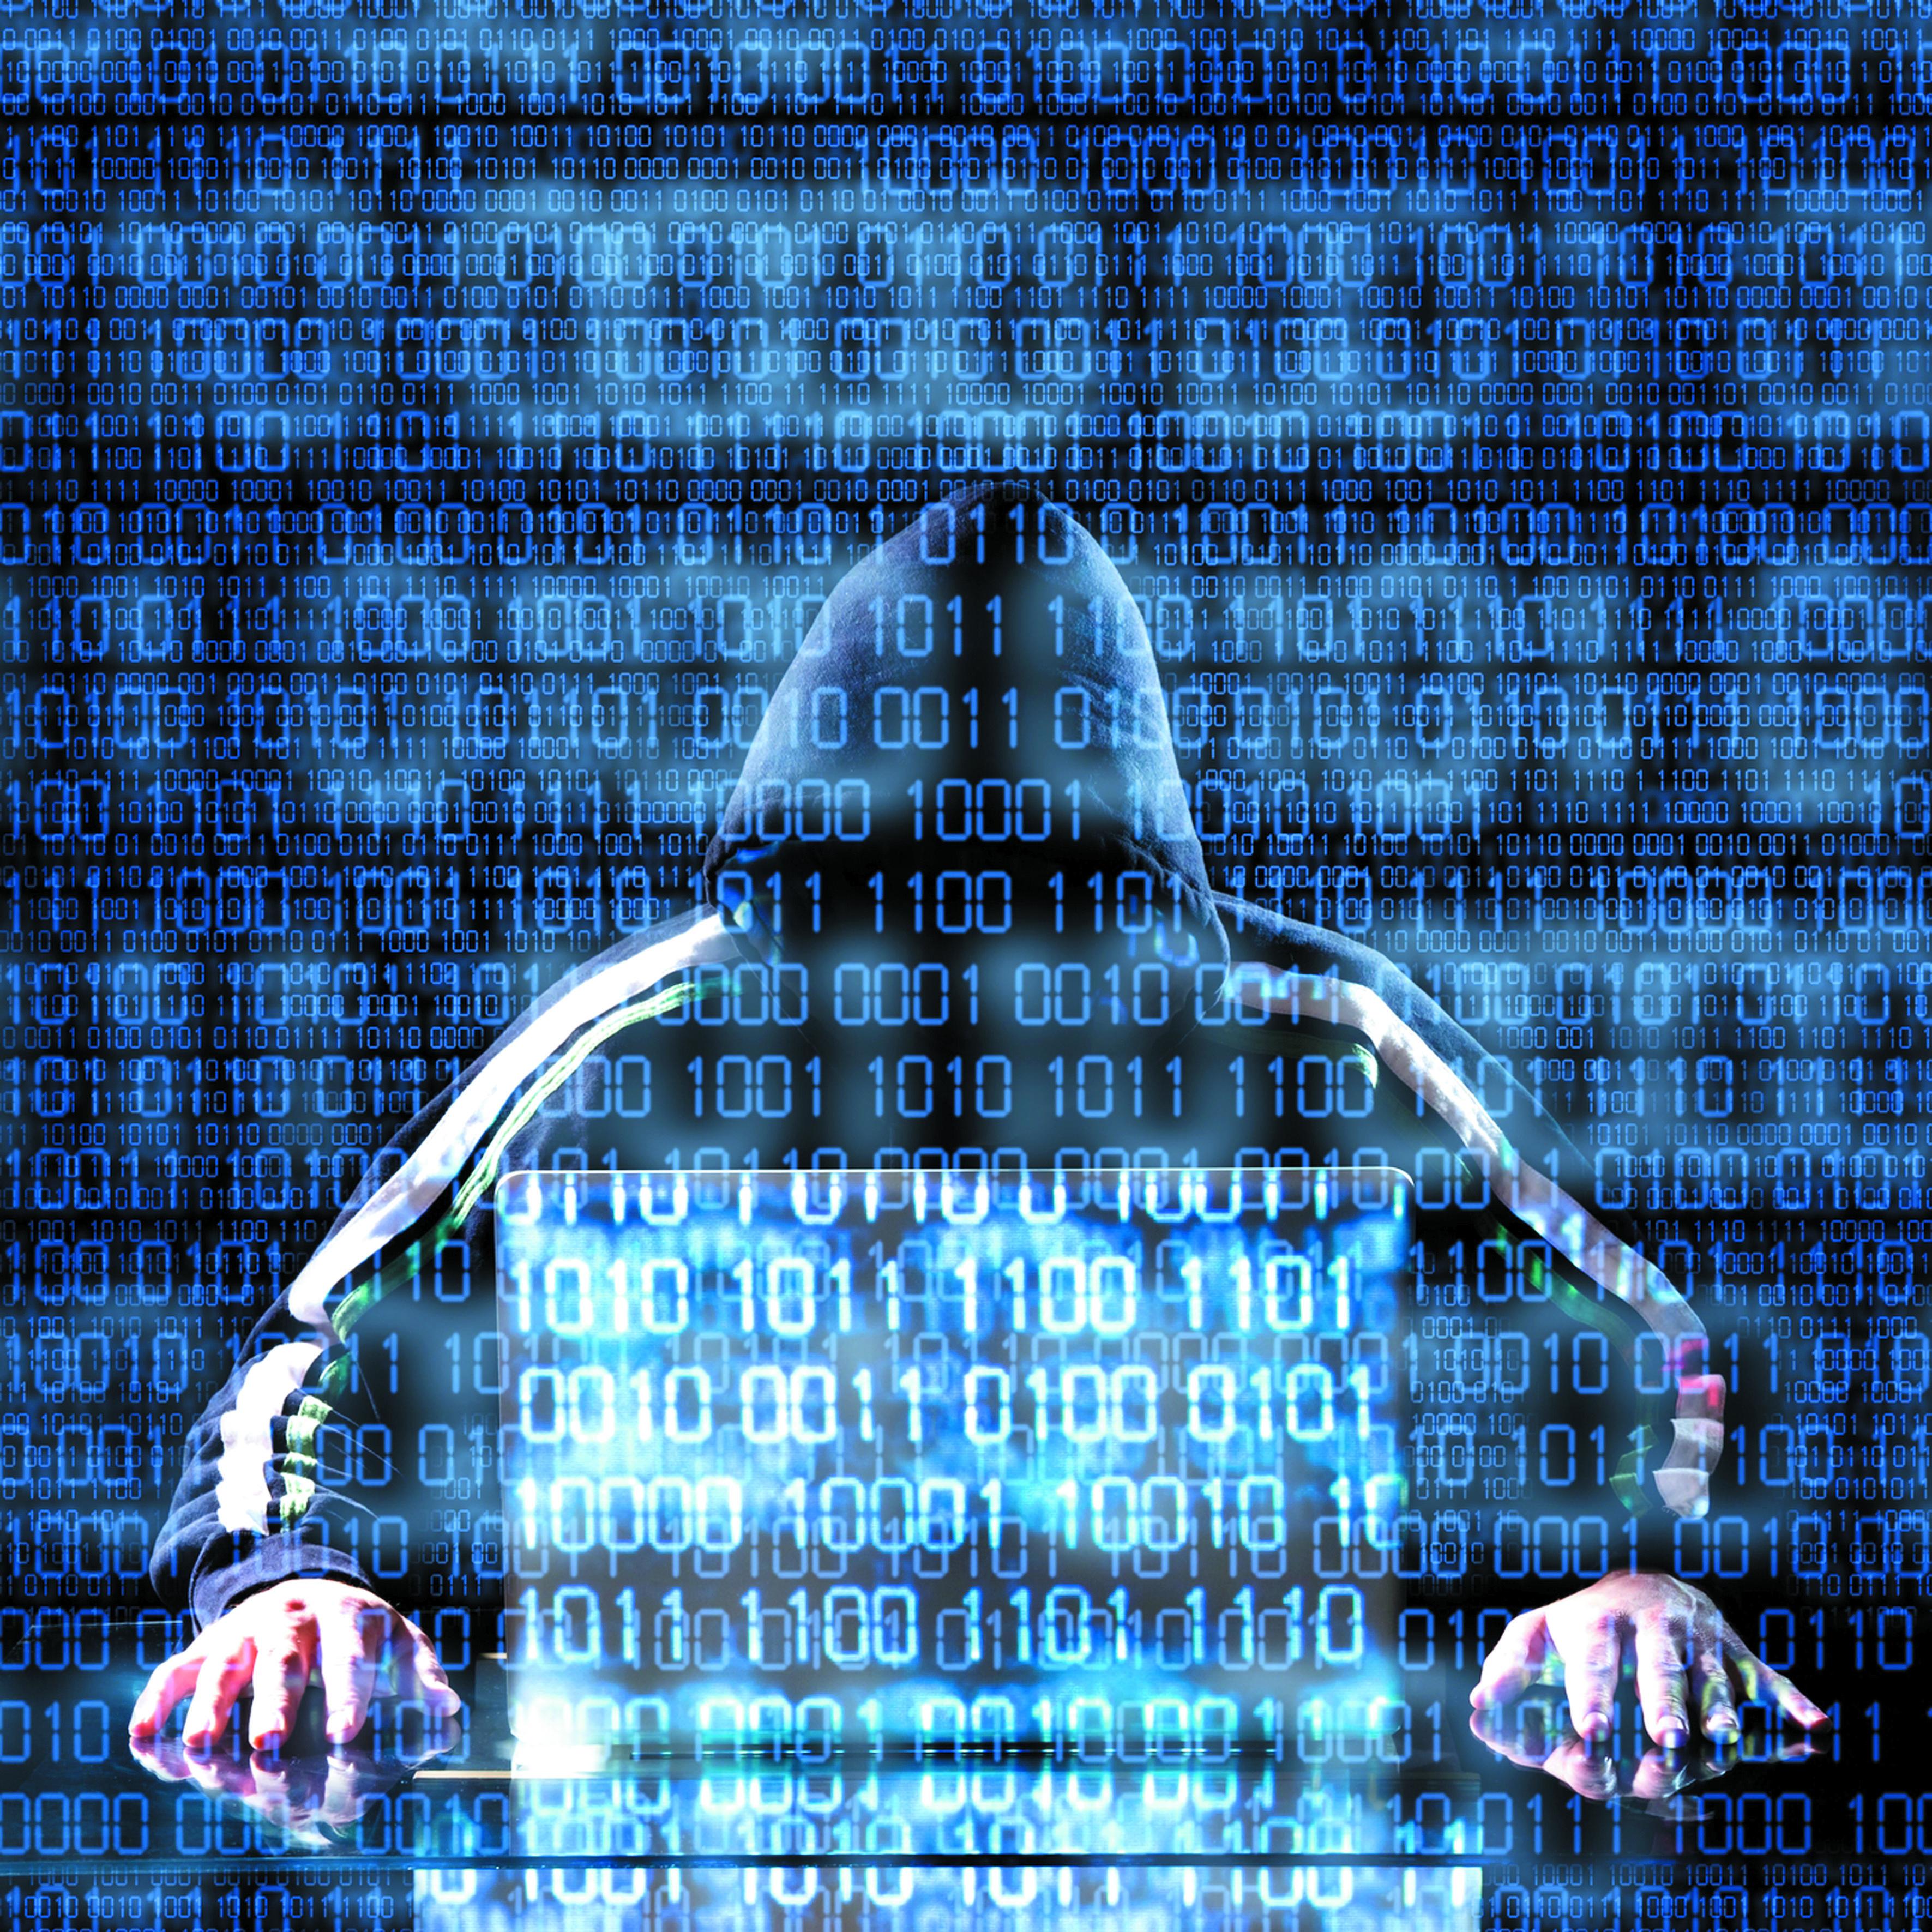 Cybercriminalité, l'autre menace terroriste